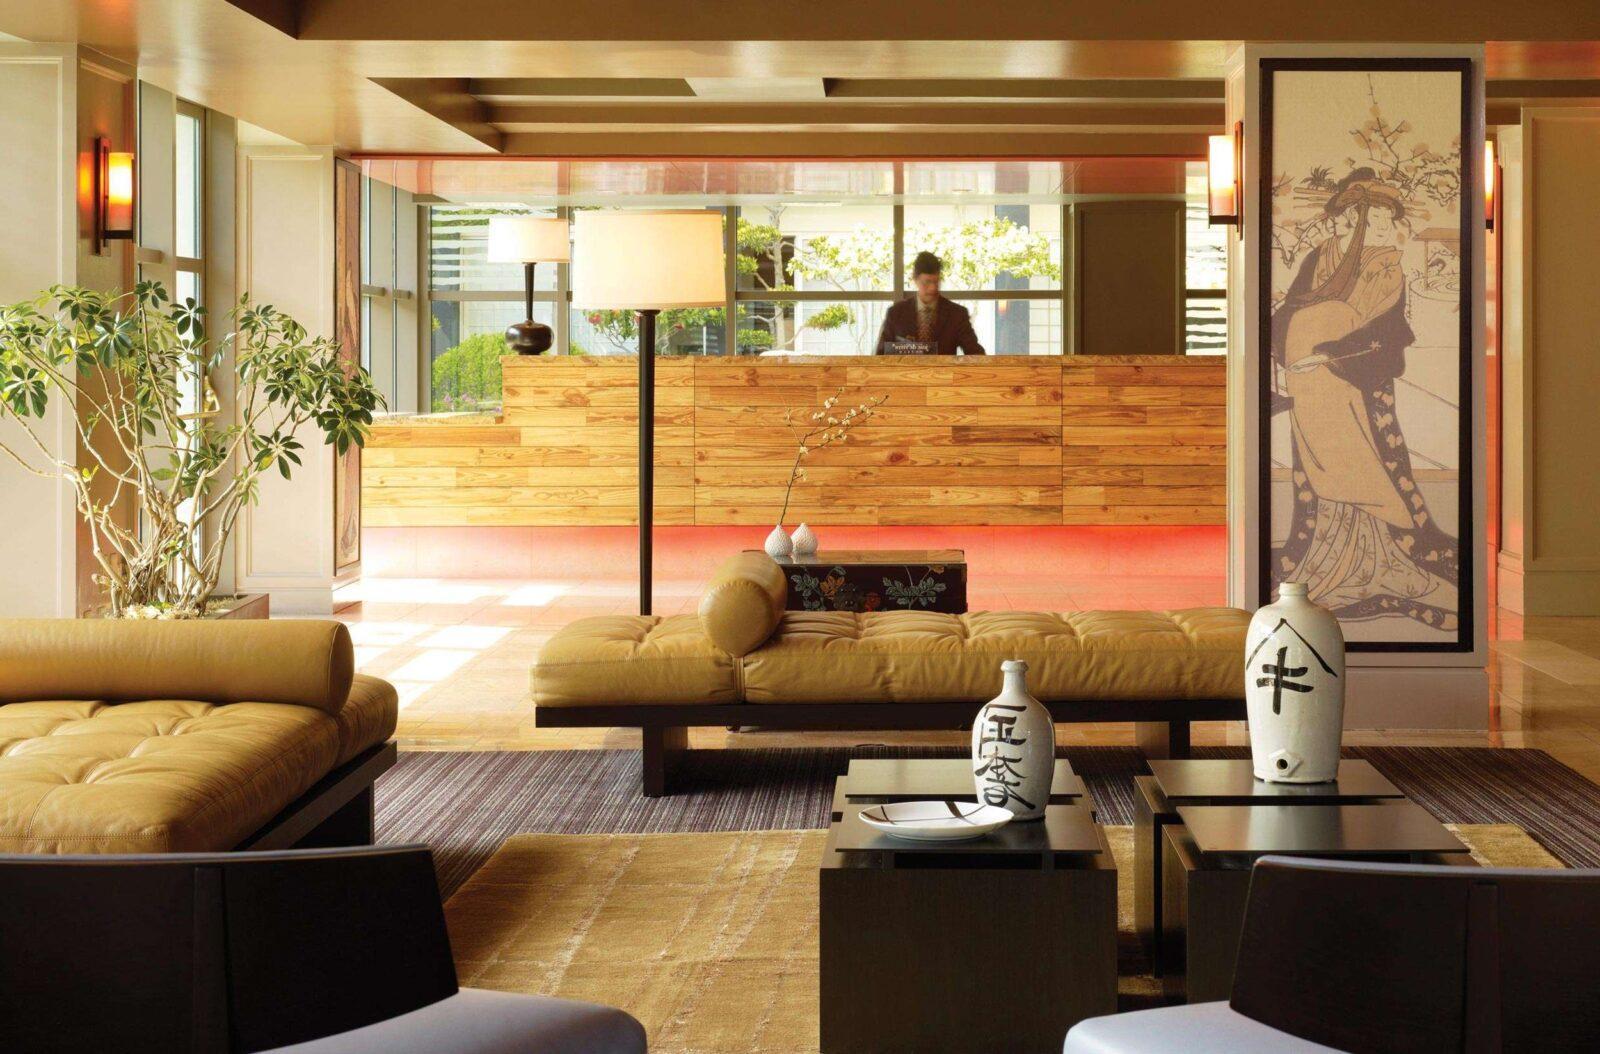 dizajn-interera-kvartiry-v-yaponskom-stile